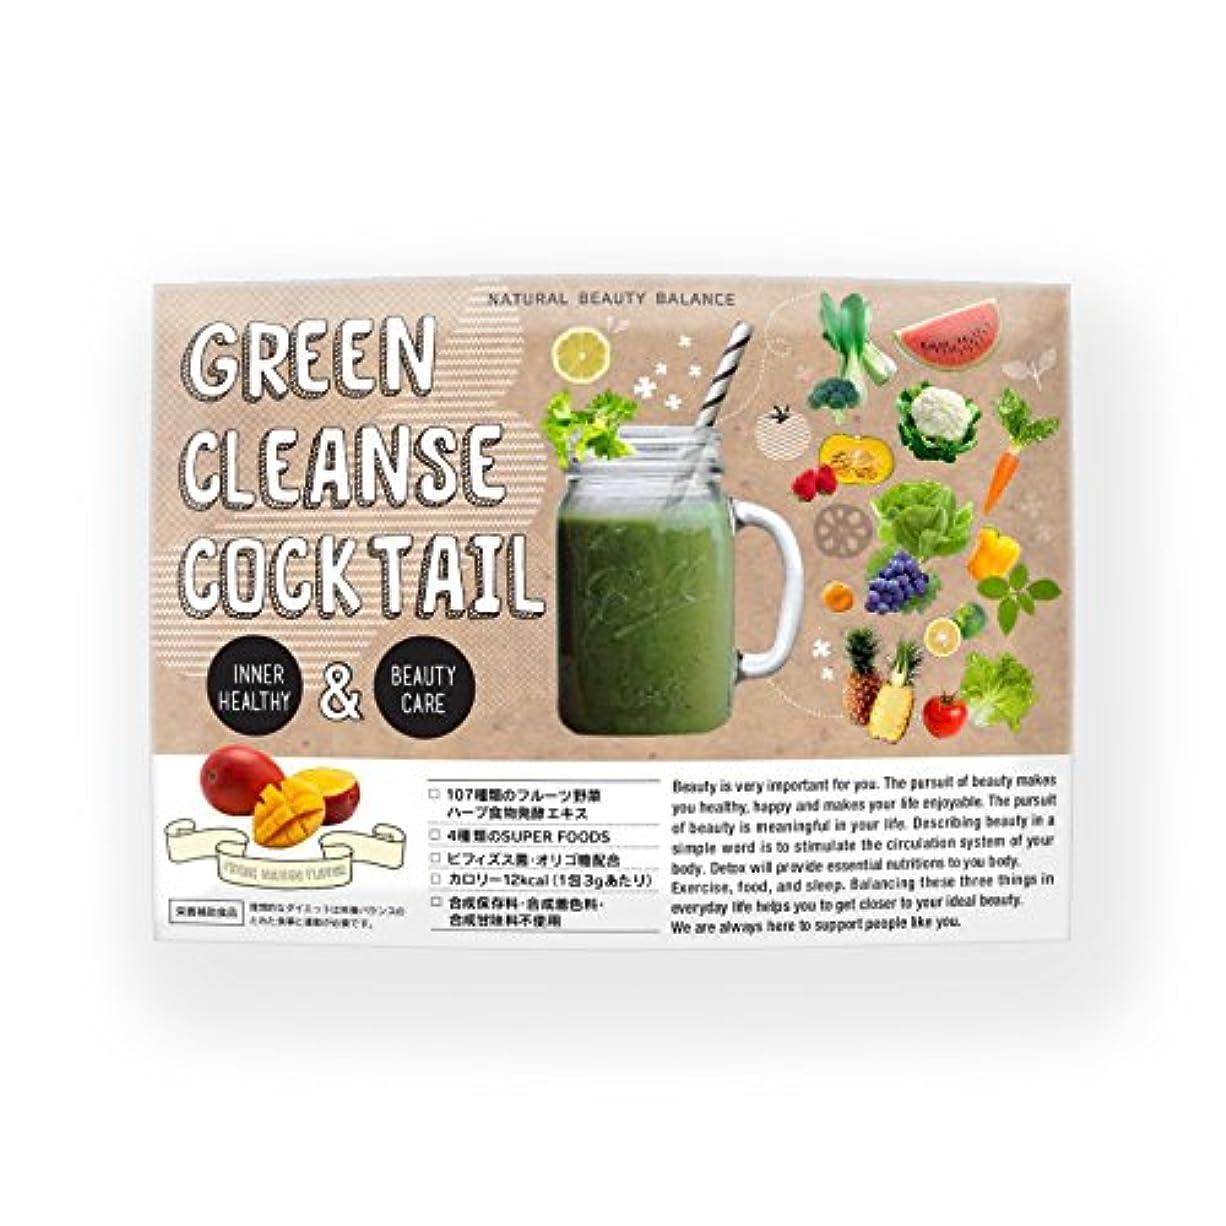 優雅な最少背景Natural Beauty Balance グリーンクレンズカクテル Green Cleanse Coktail ダイエット 30包